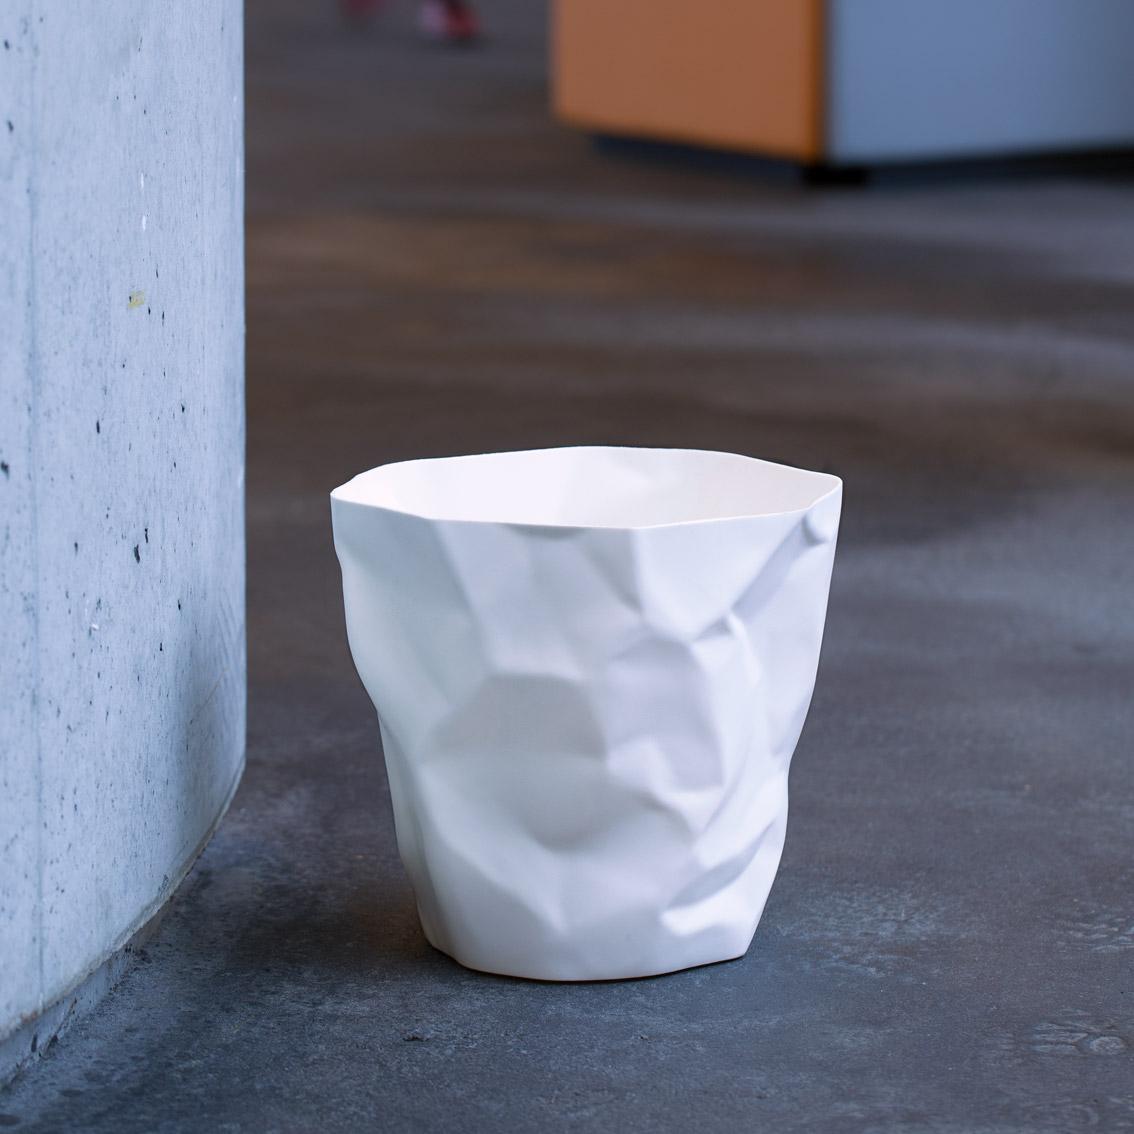 Bin Bin paper waste basket White